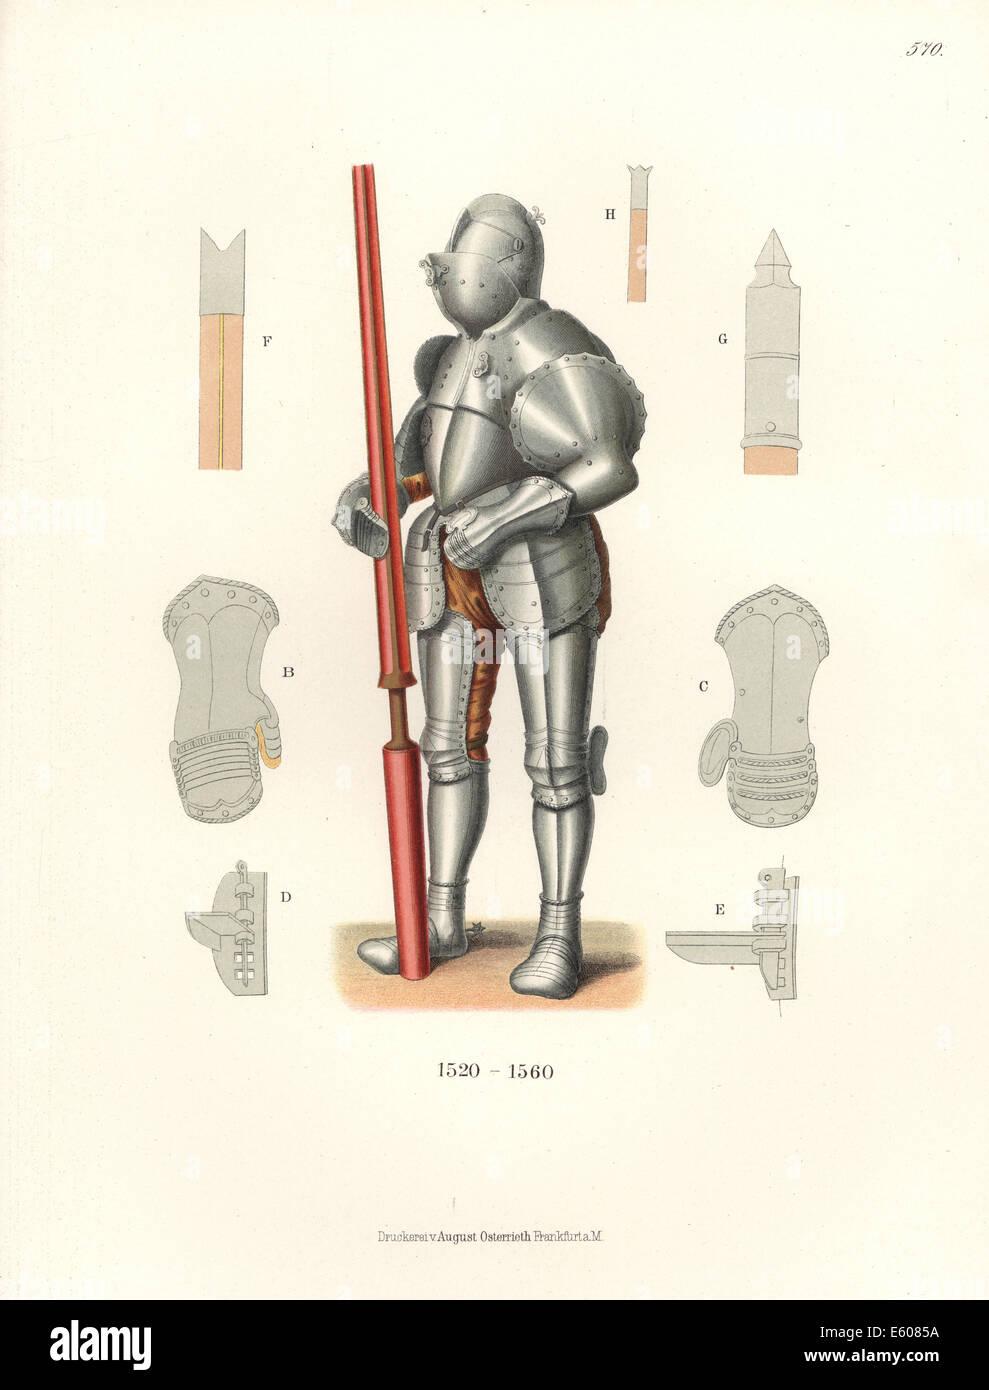 17th Century Armour Stock Photos & 17th Century Armour Stock ...